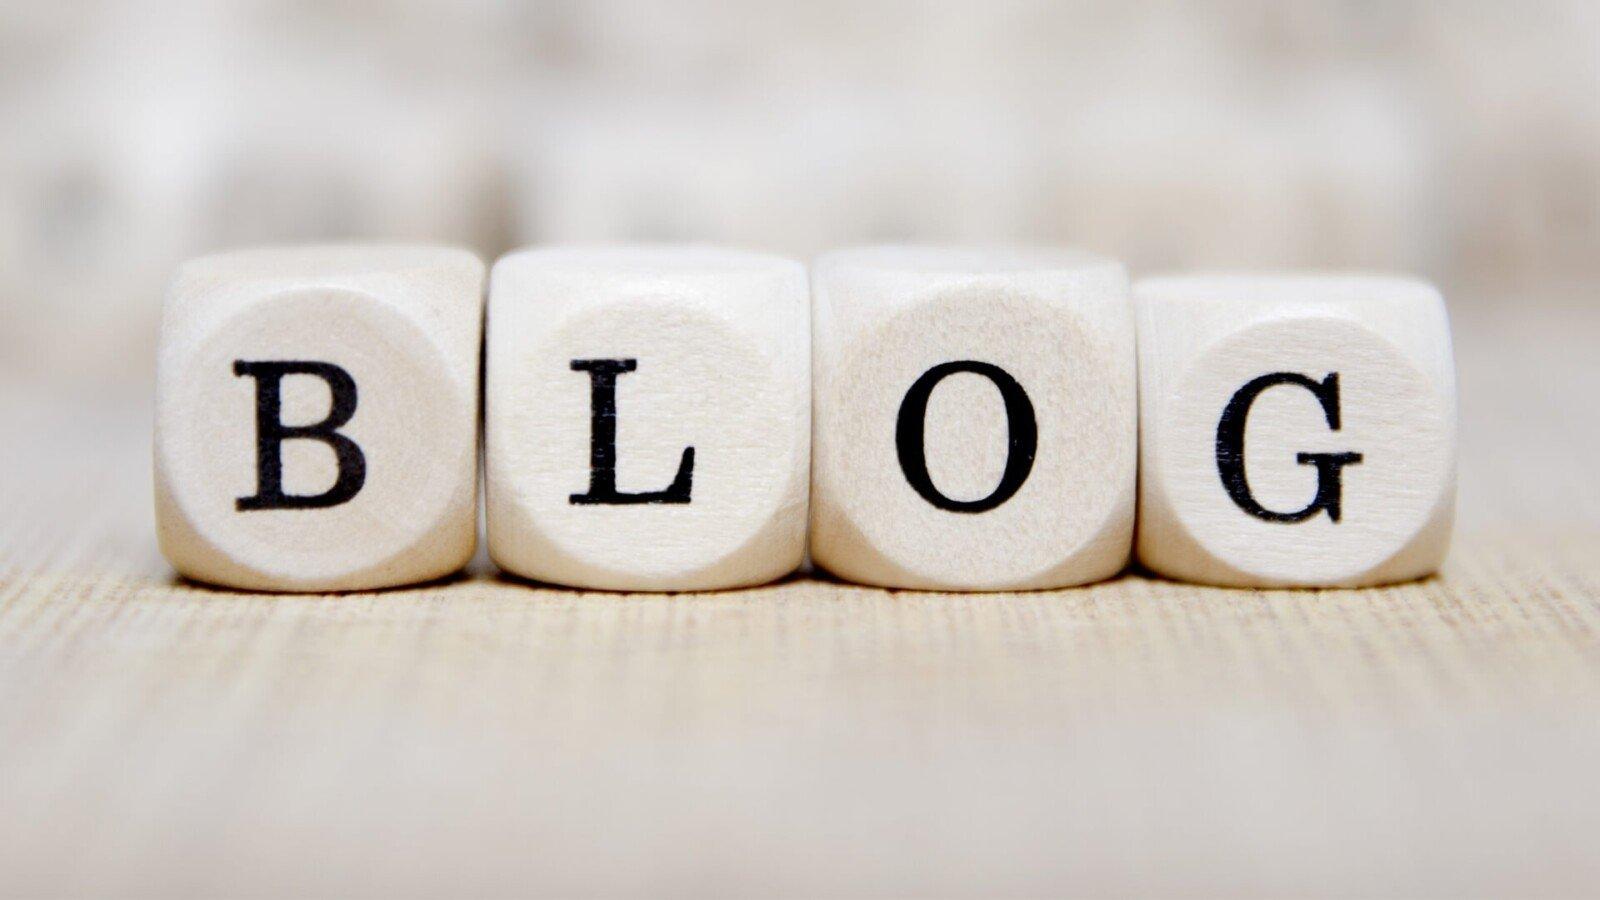 steinrein-blog-header